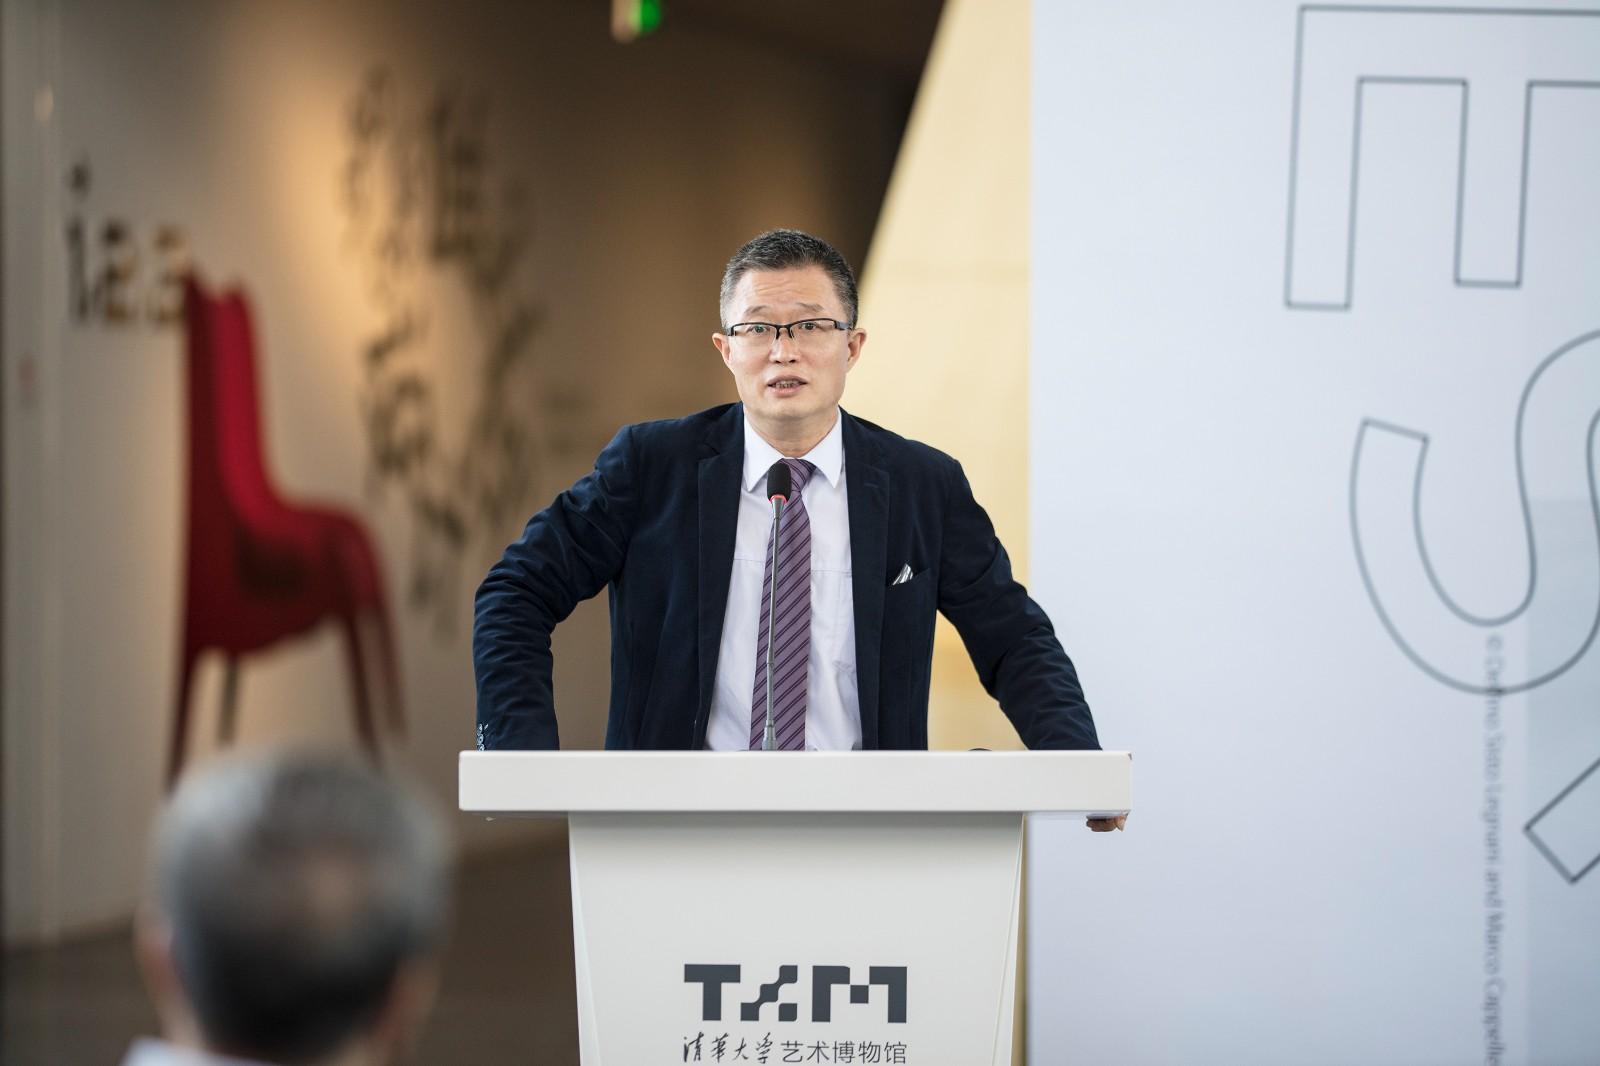 27 清華大學藝術博物館常務副館長杜鵬飛主持開幕式并宣布展覽開幕.jpg